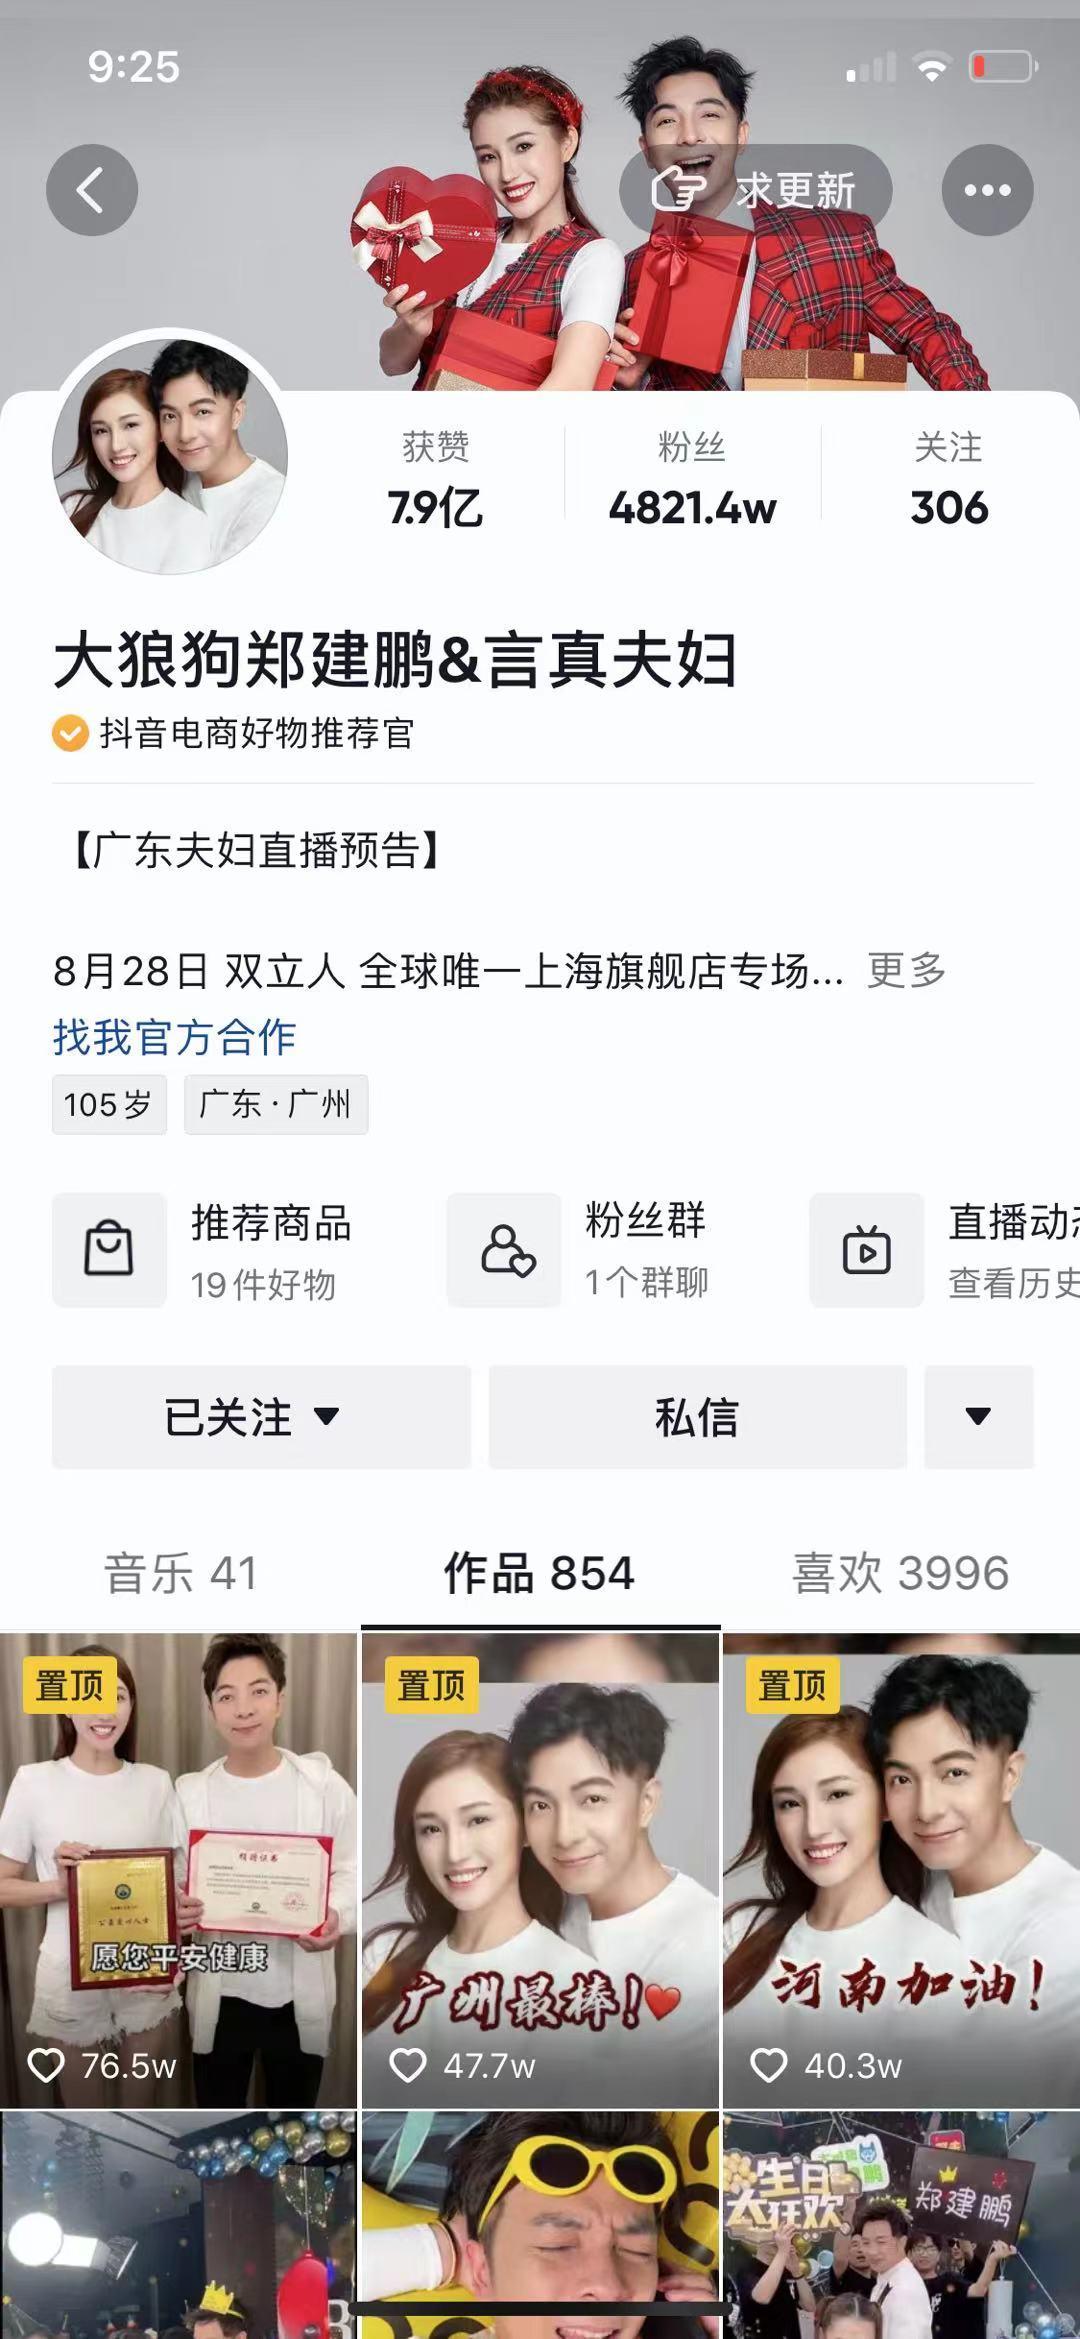 抖音红人观察——广东夫妇郑建鹏言真